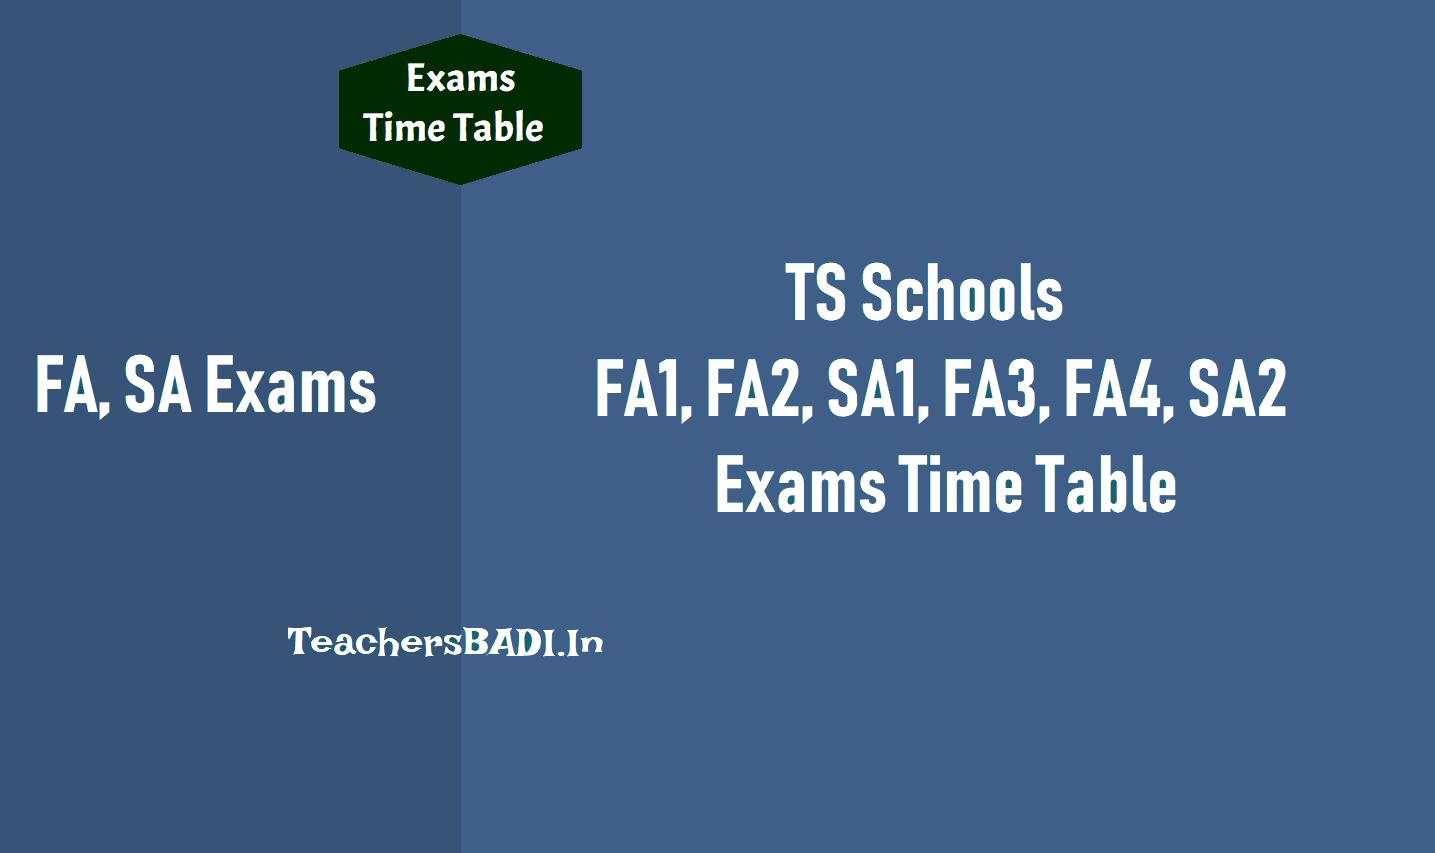 FA1,FA2,SA1,FA3,FA4,SA2 Exams Time Table 2019 -2020 for TS Schools